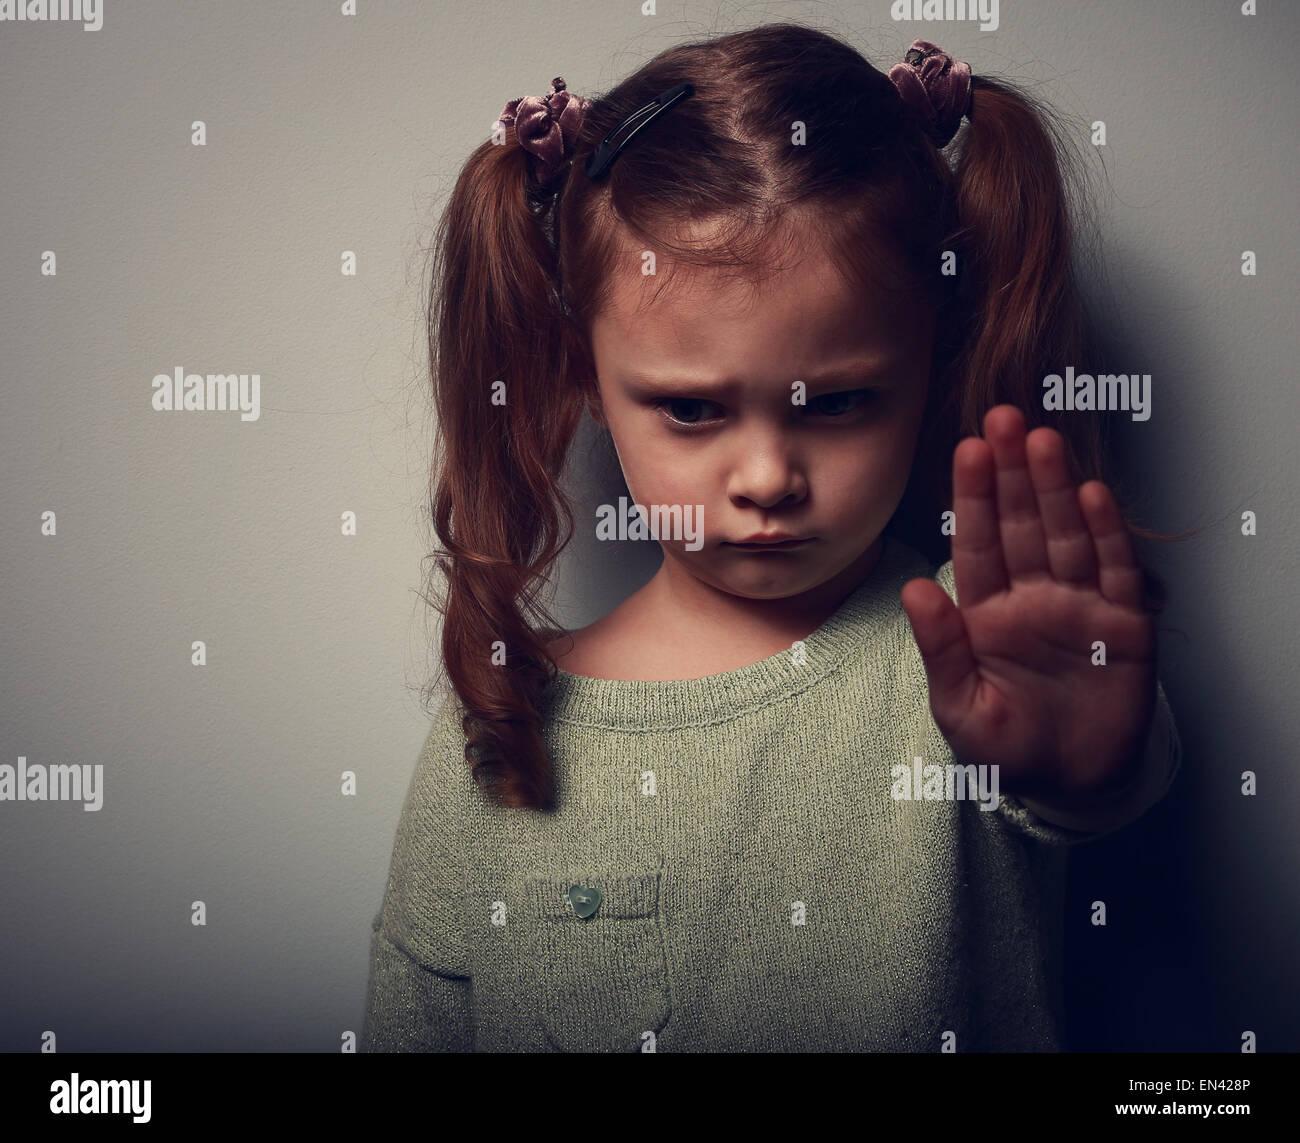 Kind Mädchen zeigen Hand-Signalisierung, Gewalt und Schmerz und blickte auf dunklem Hintergrund zu stoppen. Stockbild